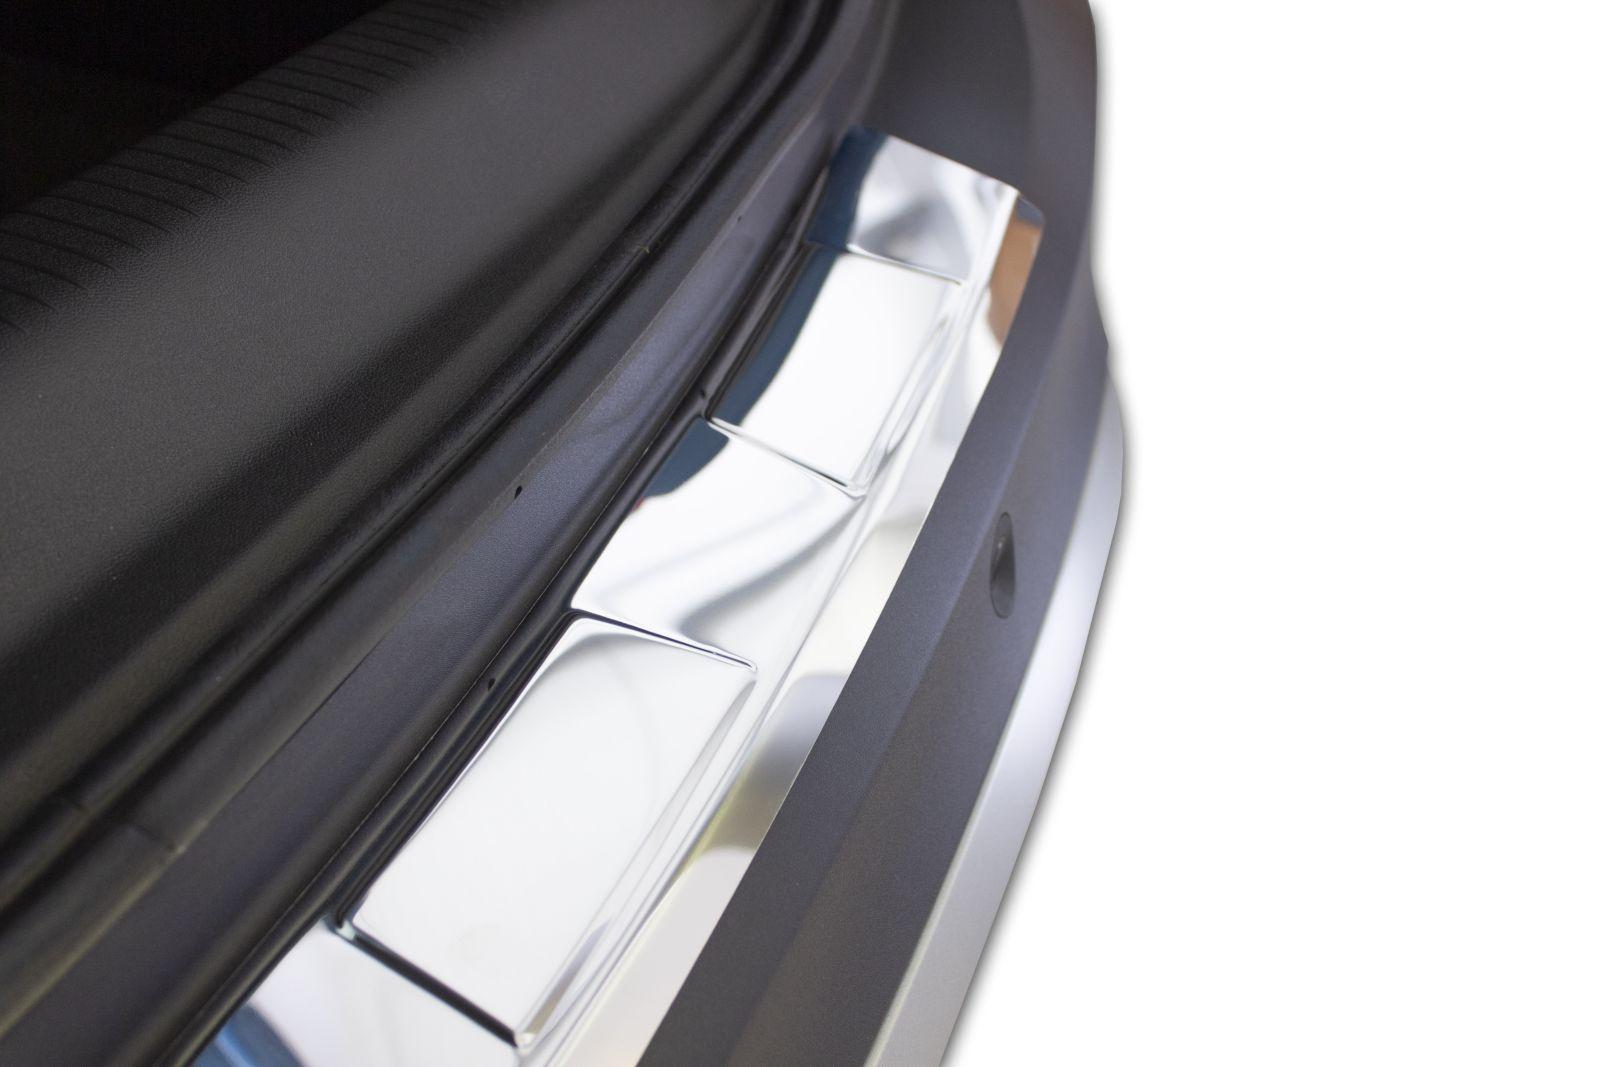 Nerezový kryt náraznika Audi A3 Sportback Hatchback 5D 2004-2008